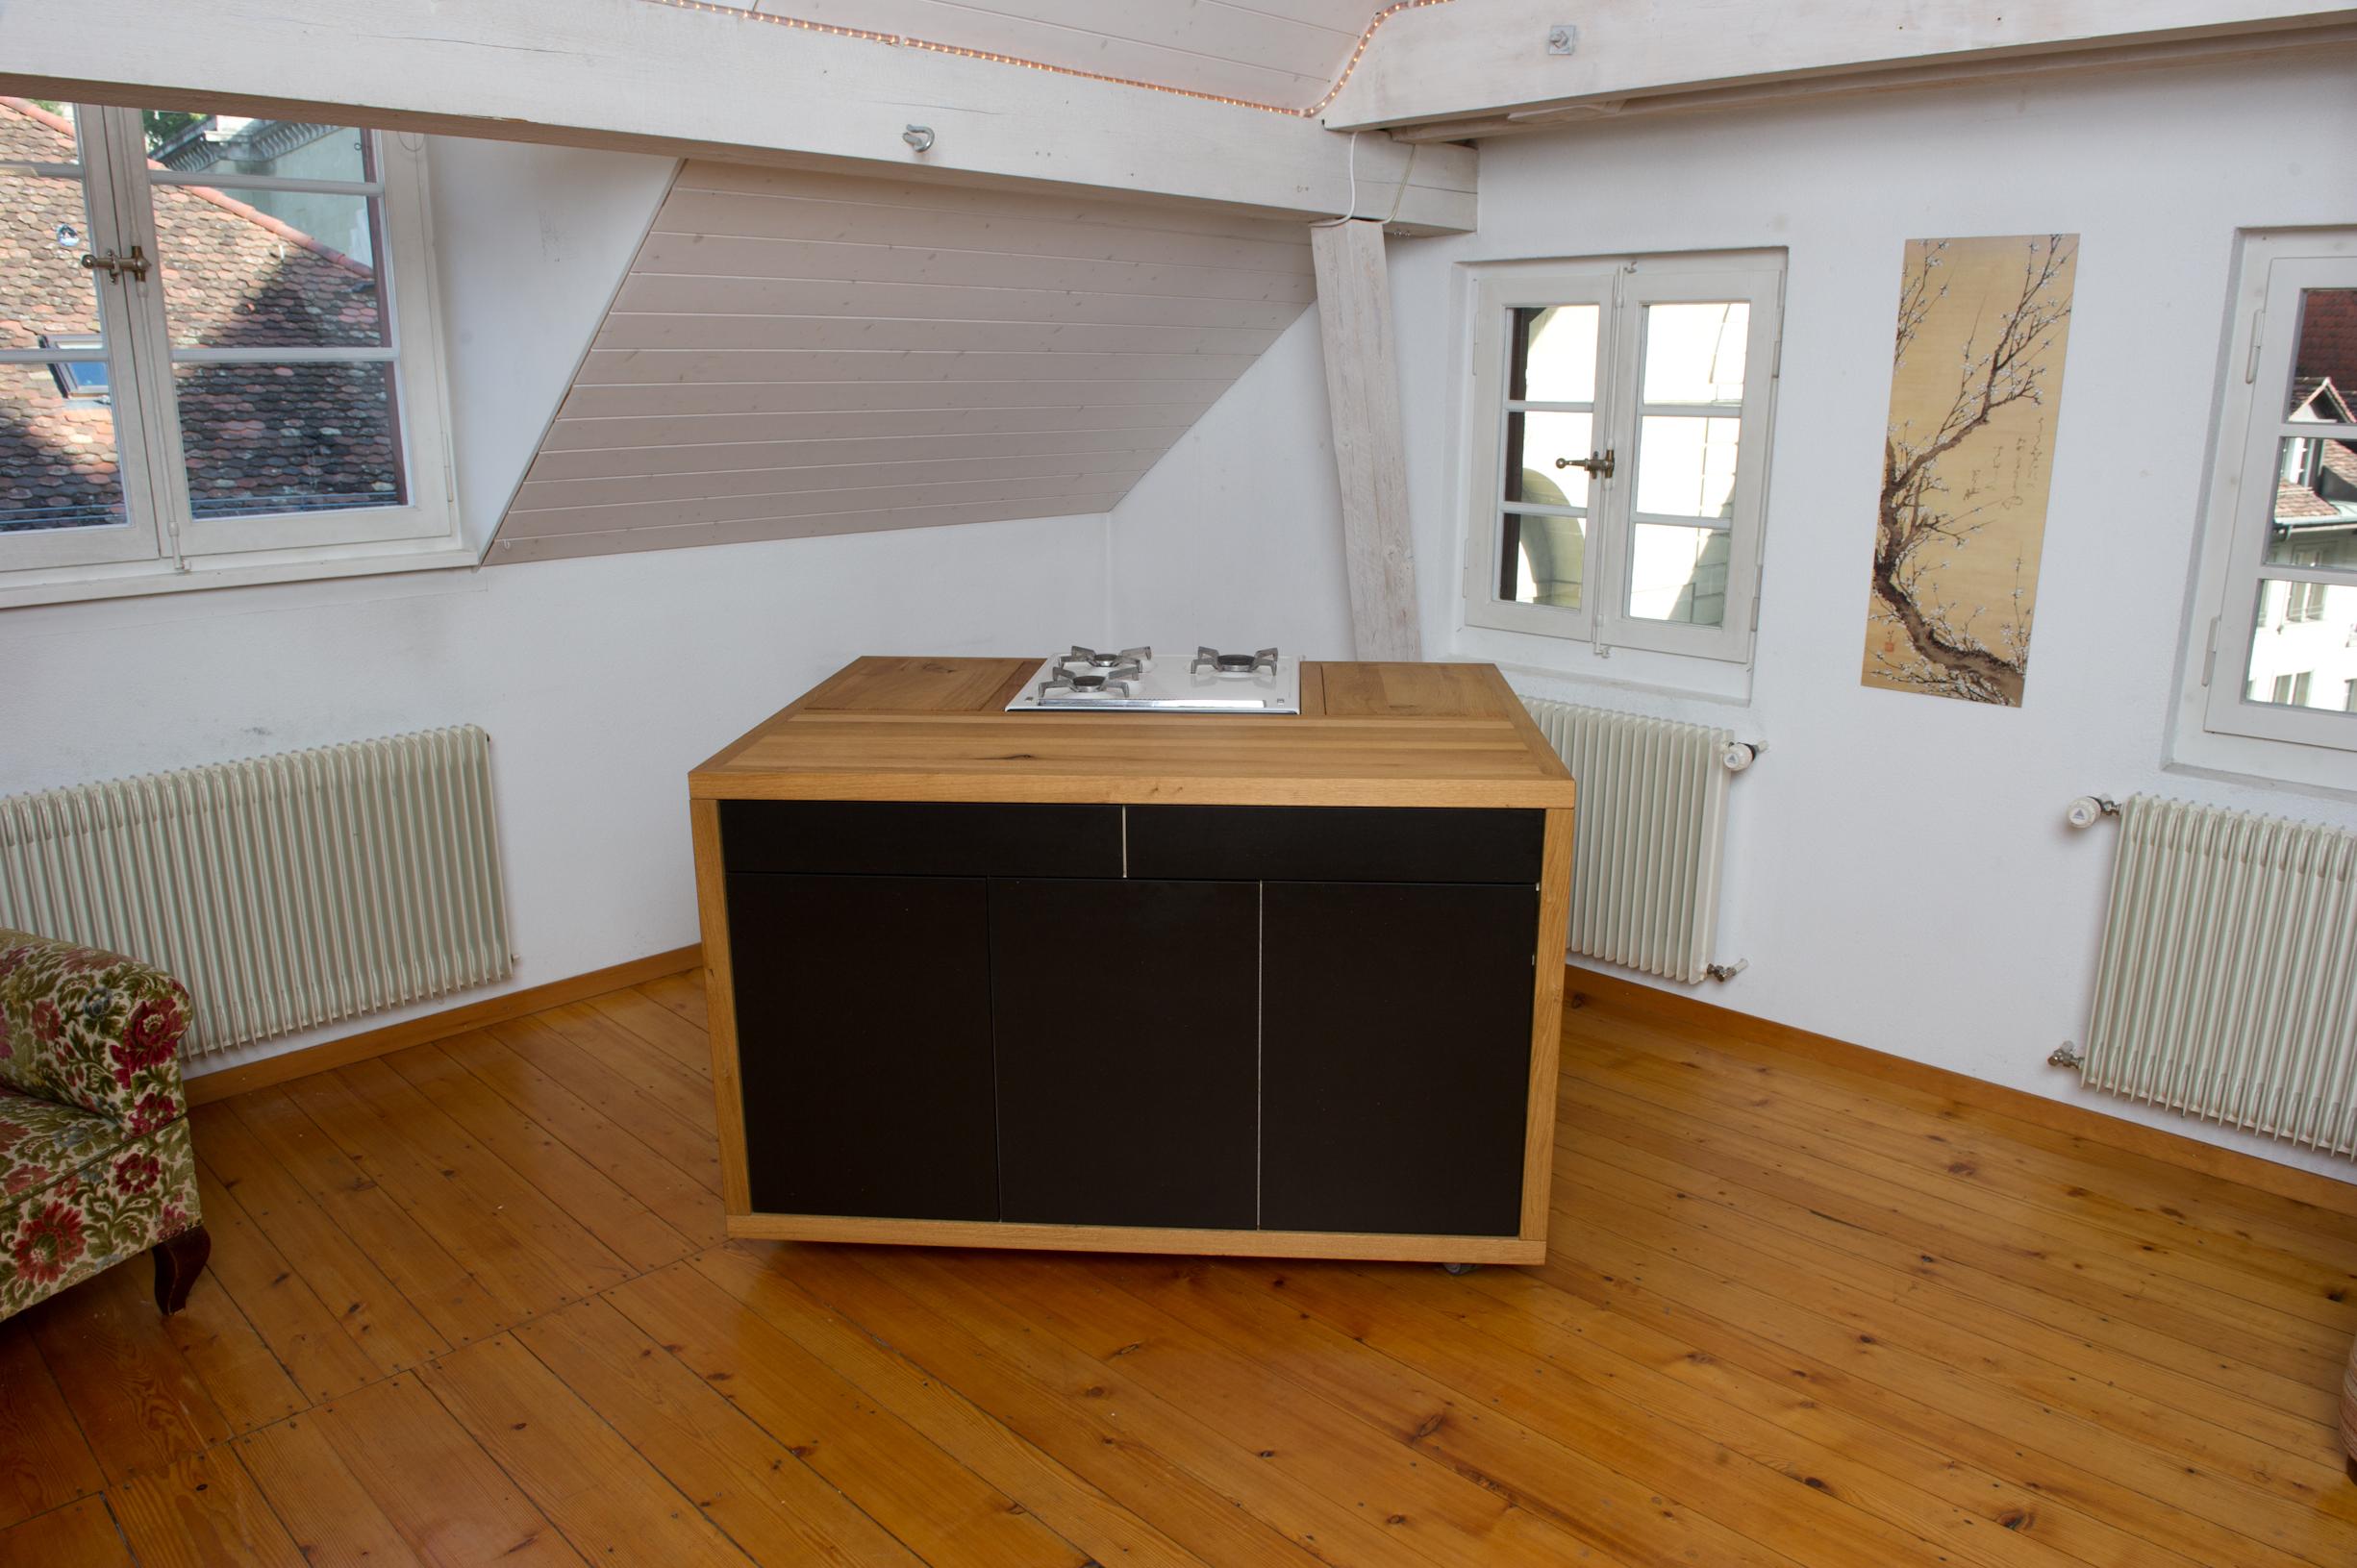 kochinsel | schreinerei holzlabor bern - Kochinsel